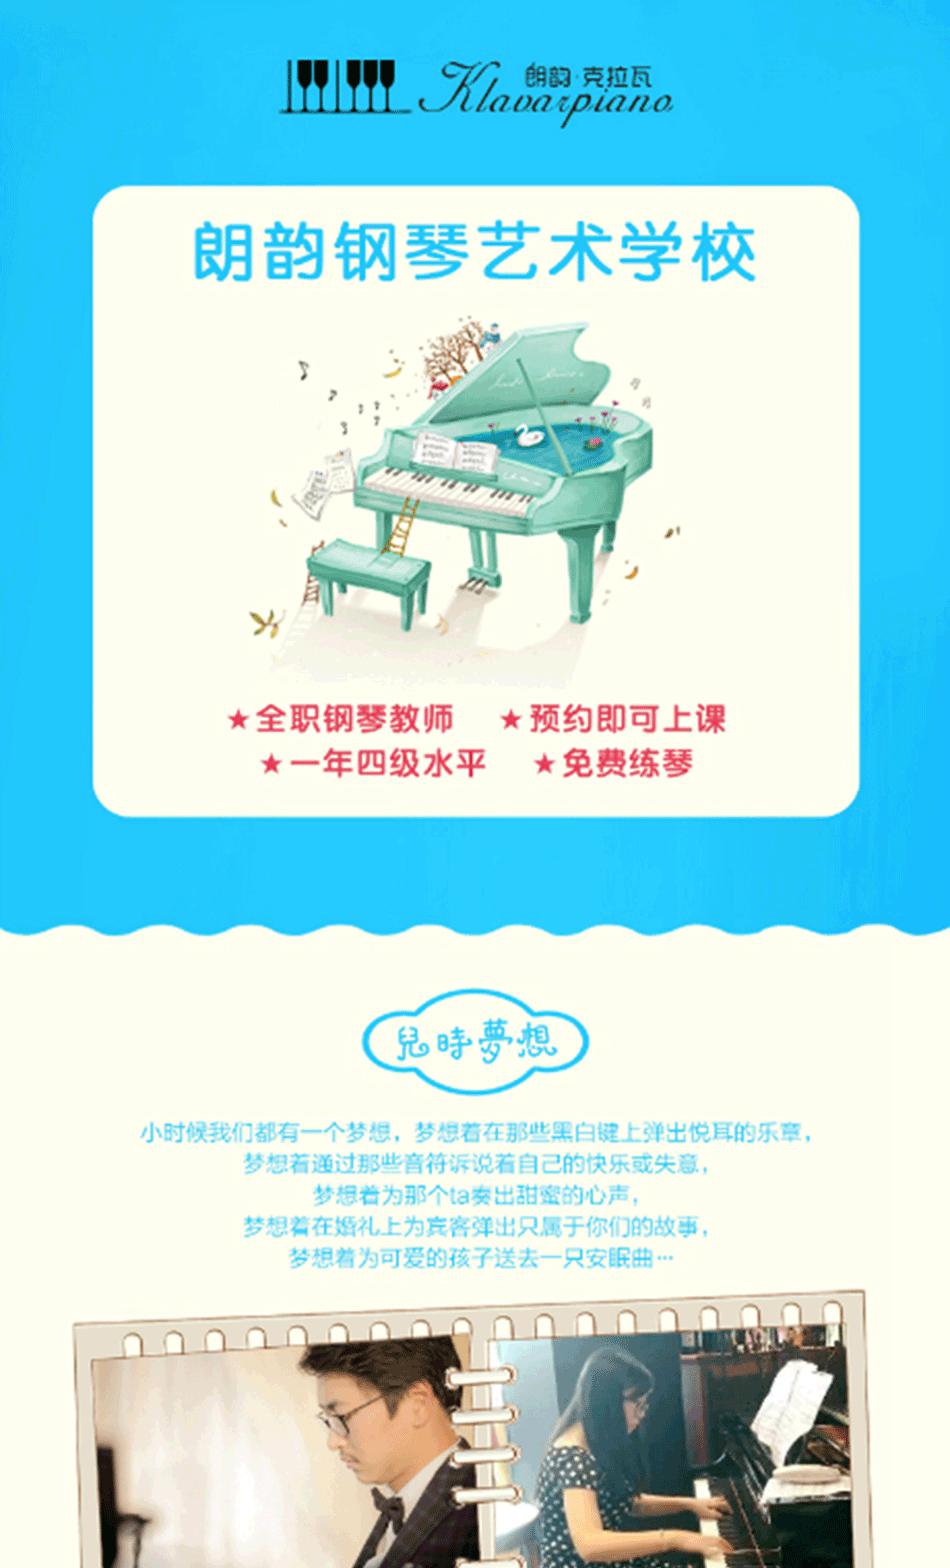 朗韵钢琴艺术中心-原始_副本_01.png